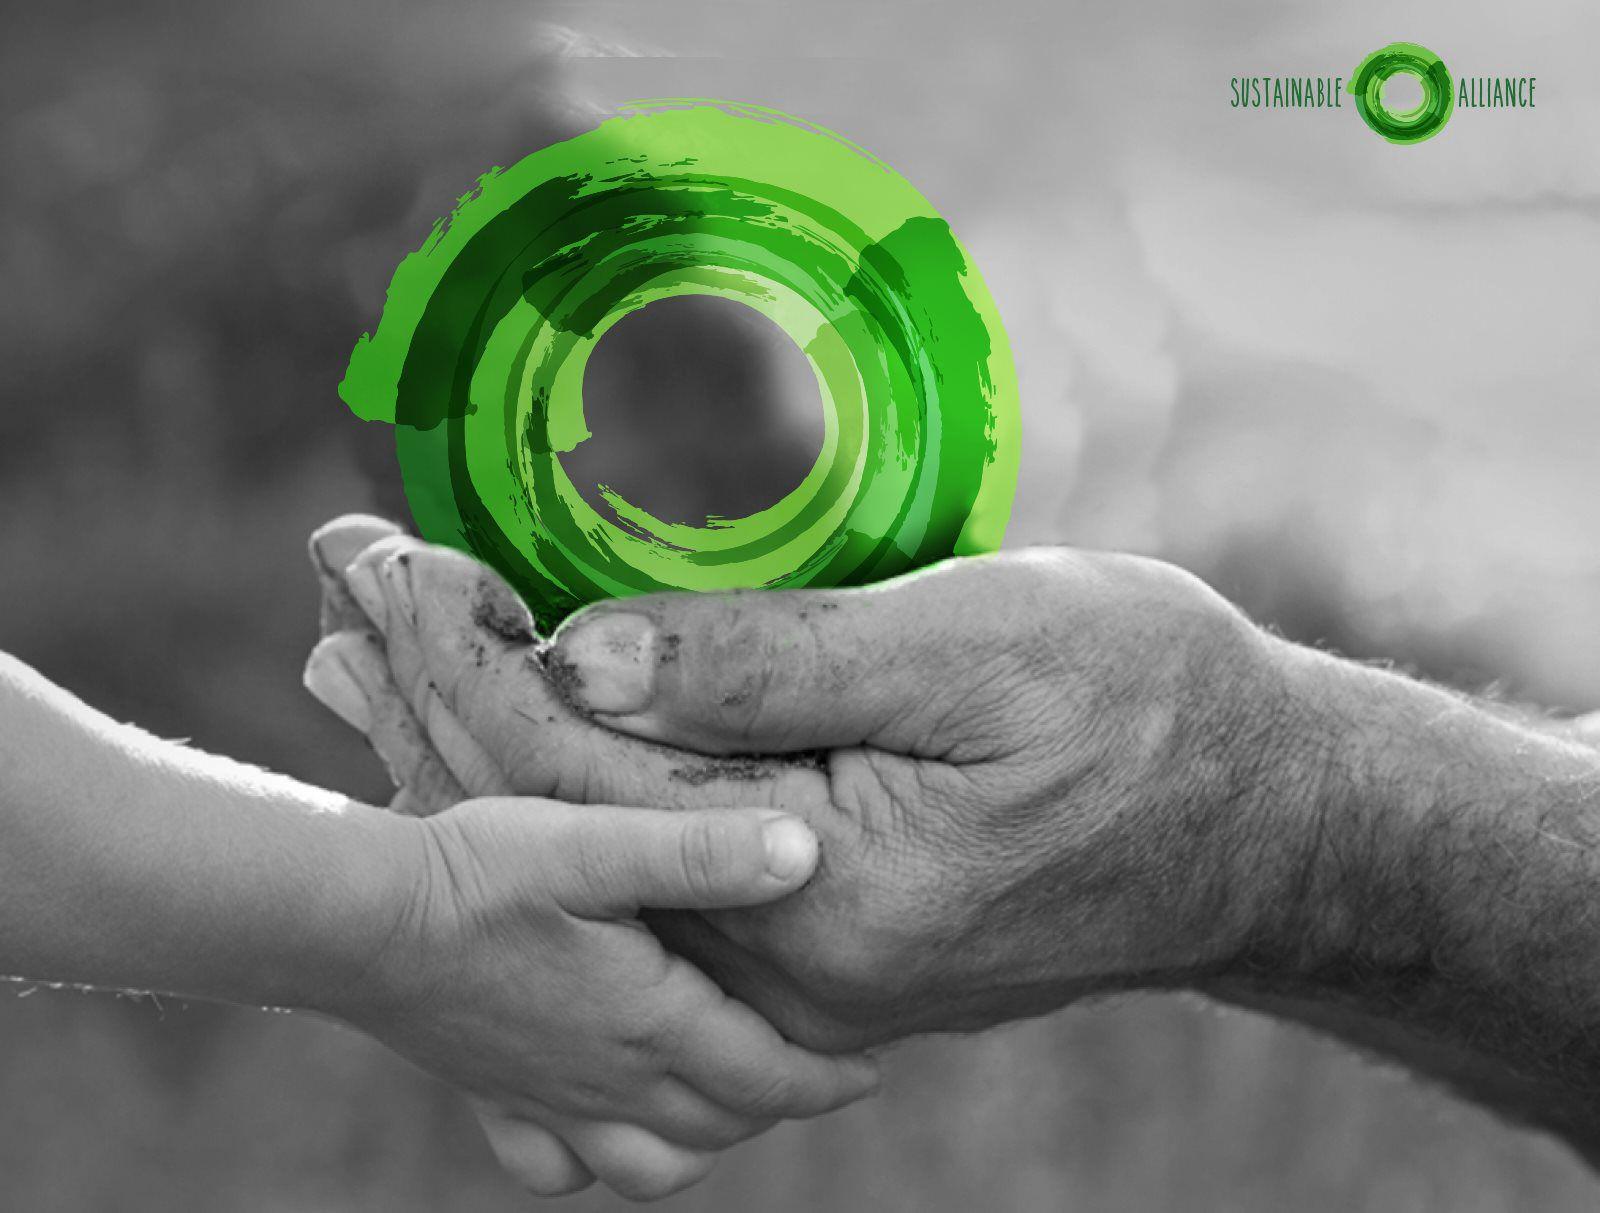 Sustainablea Alliance